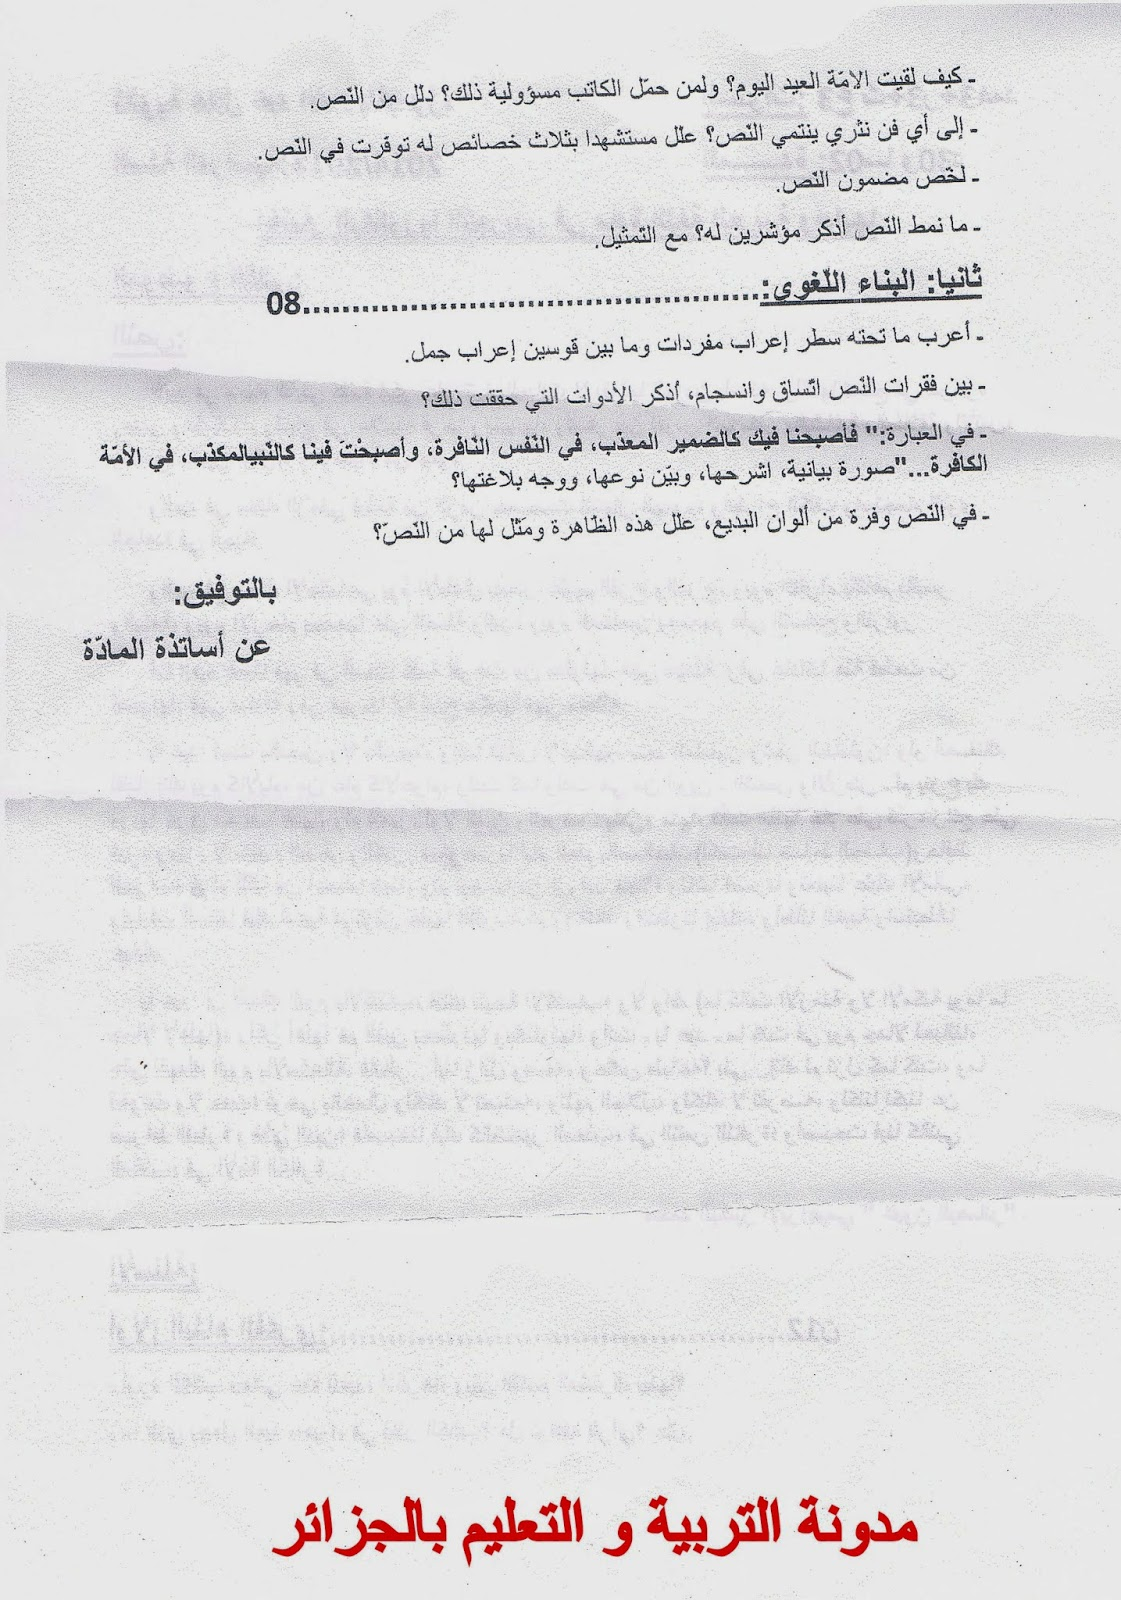 اختبار البكالوريا التجريبي في مادة اللغة العربية وآدابها 2013/2014 1